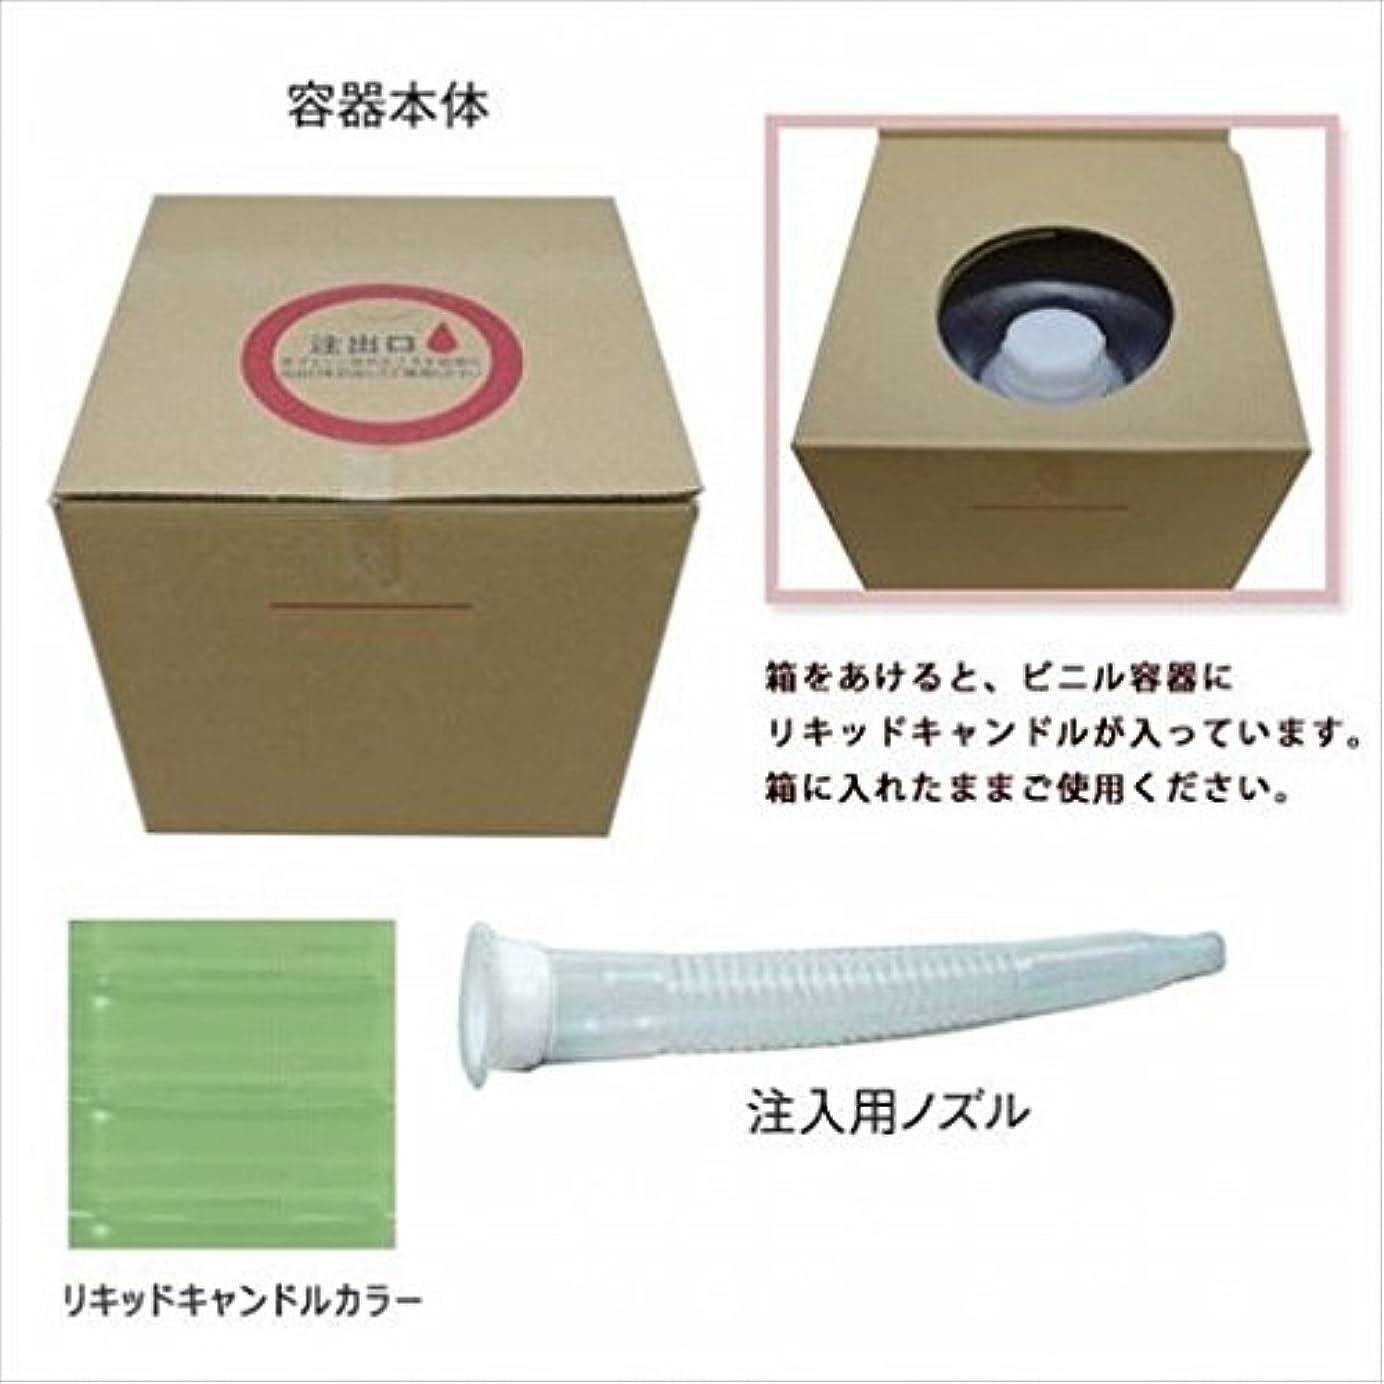 土曜日記述する汚染するkameyama candle(カメヤマキャンドル) リキッドキャンドル5リットル 「 ライトグリーン 」(77320000LG)